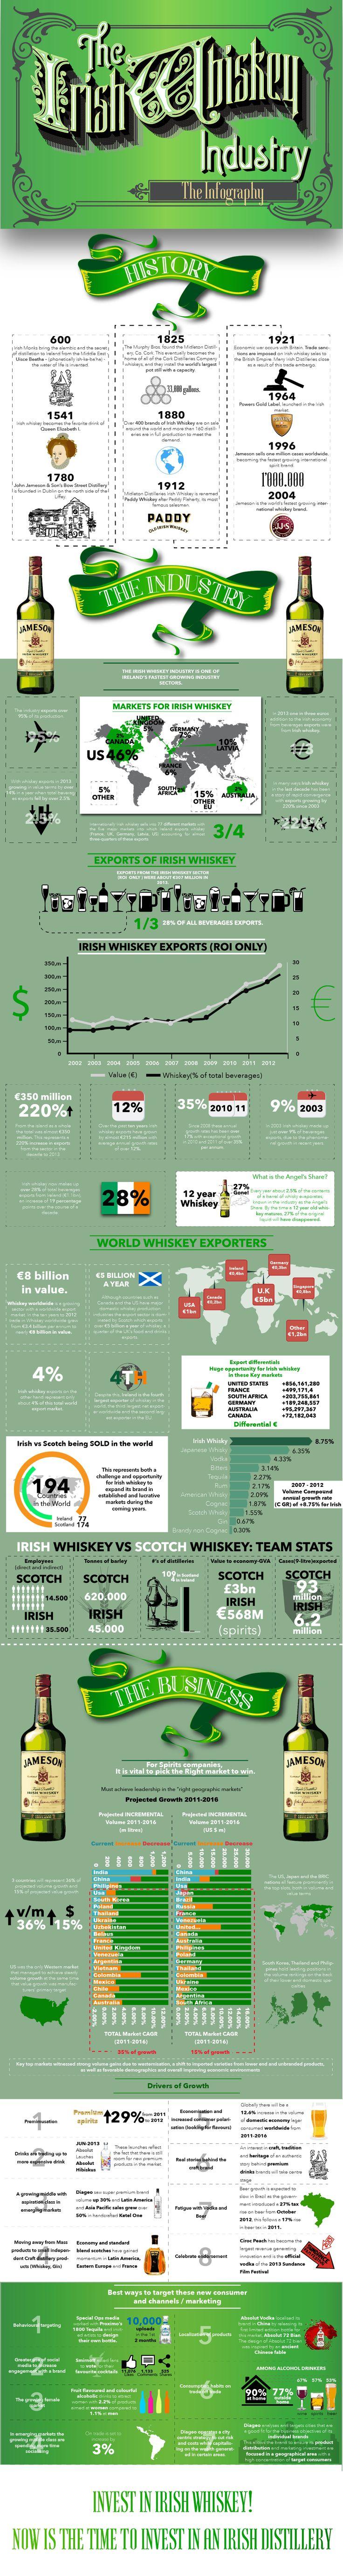 The Irish Whiskey Infographic